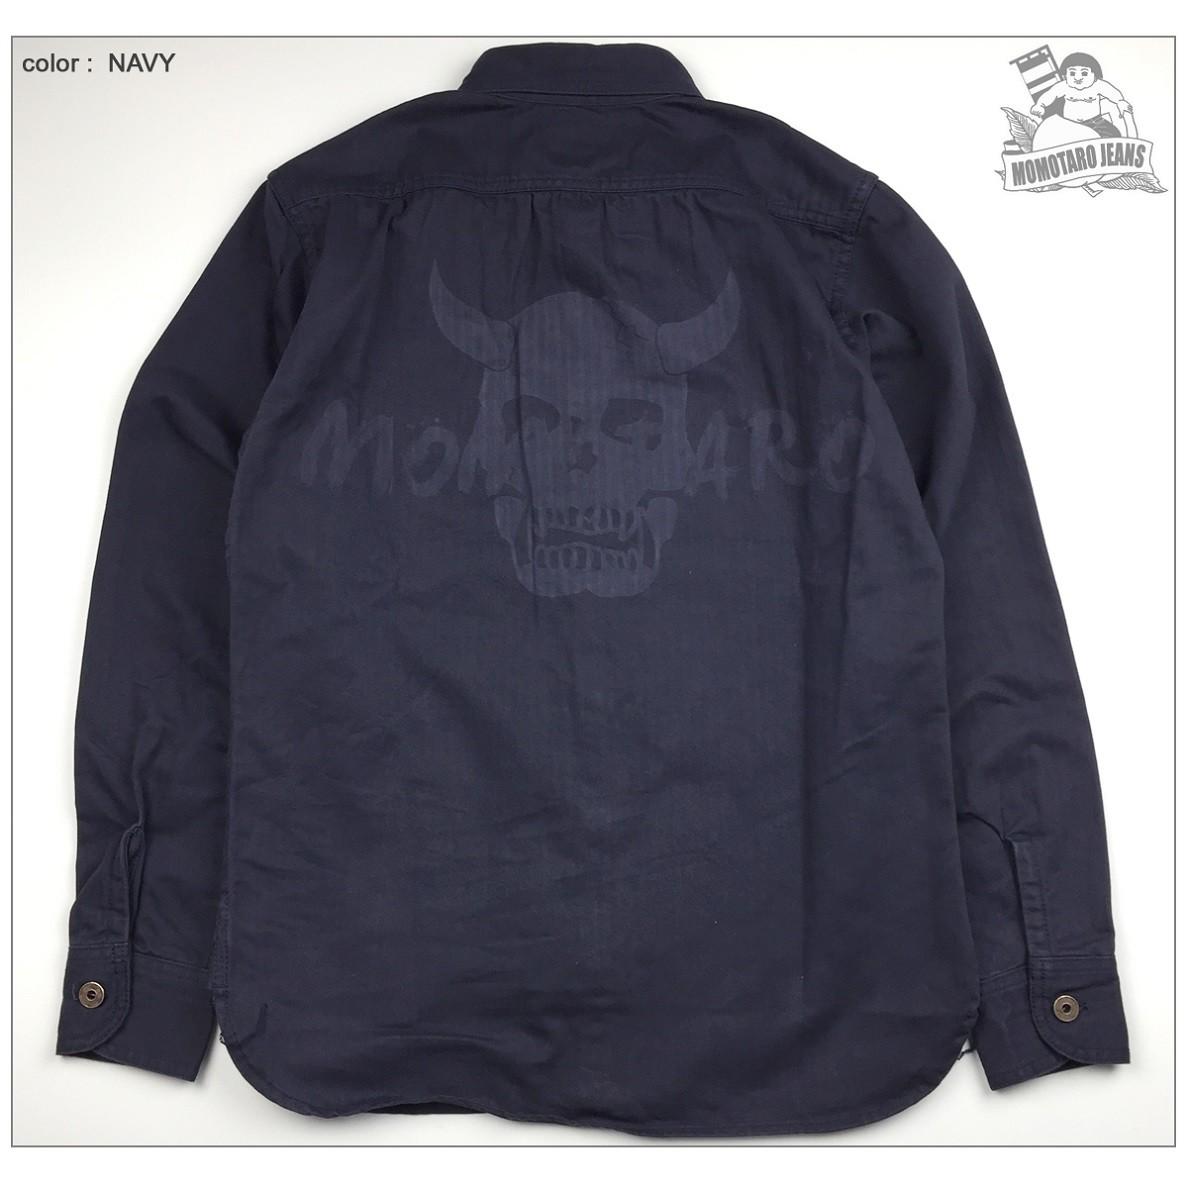 桃太郎ジーンズ 05-160 ワークシャツ 画像10